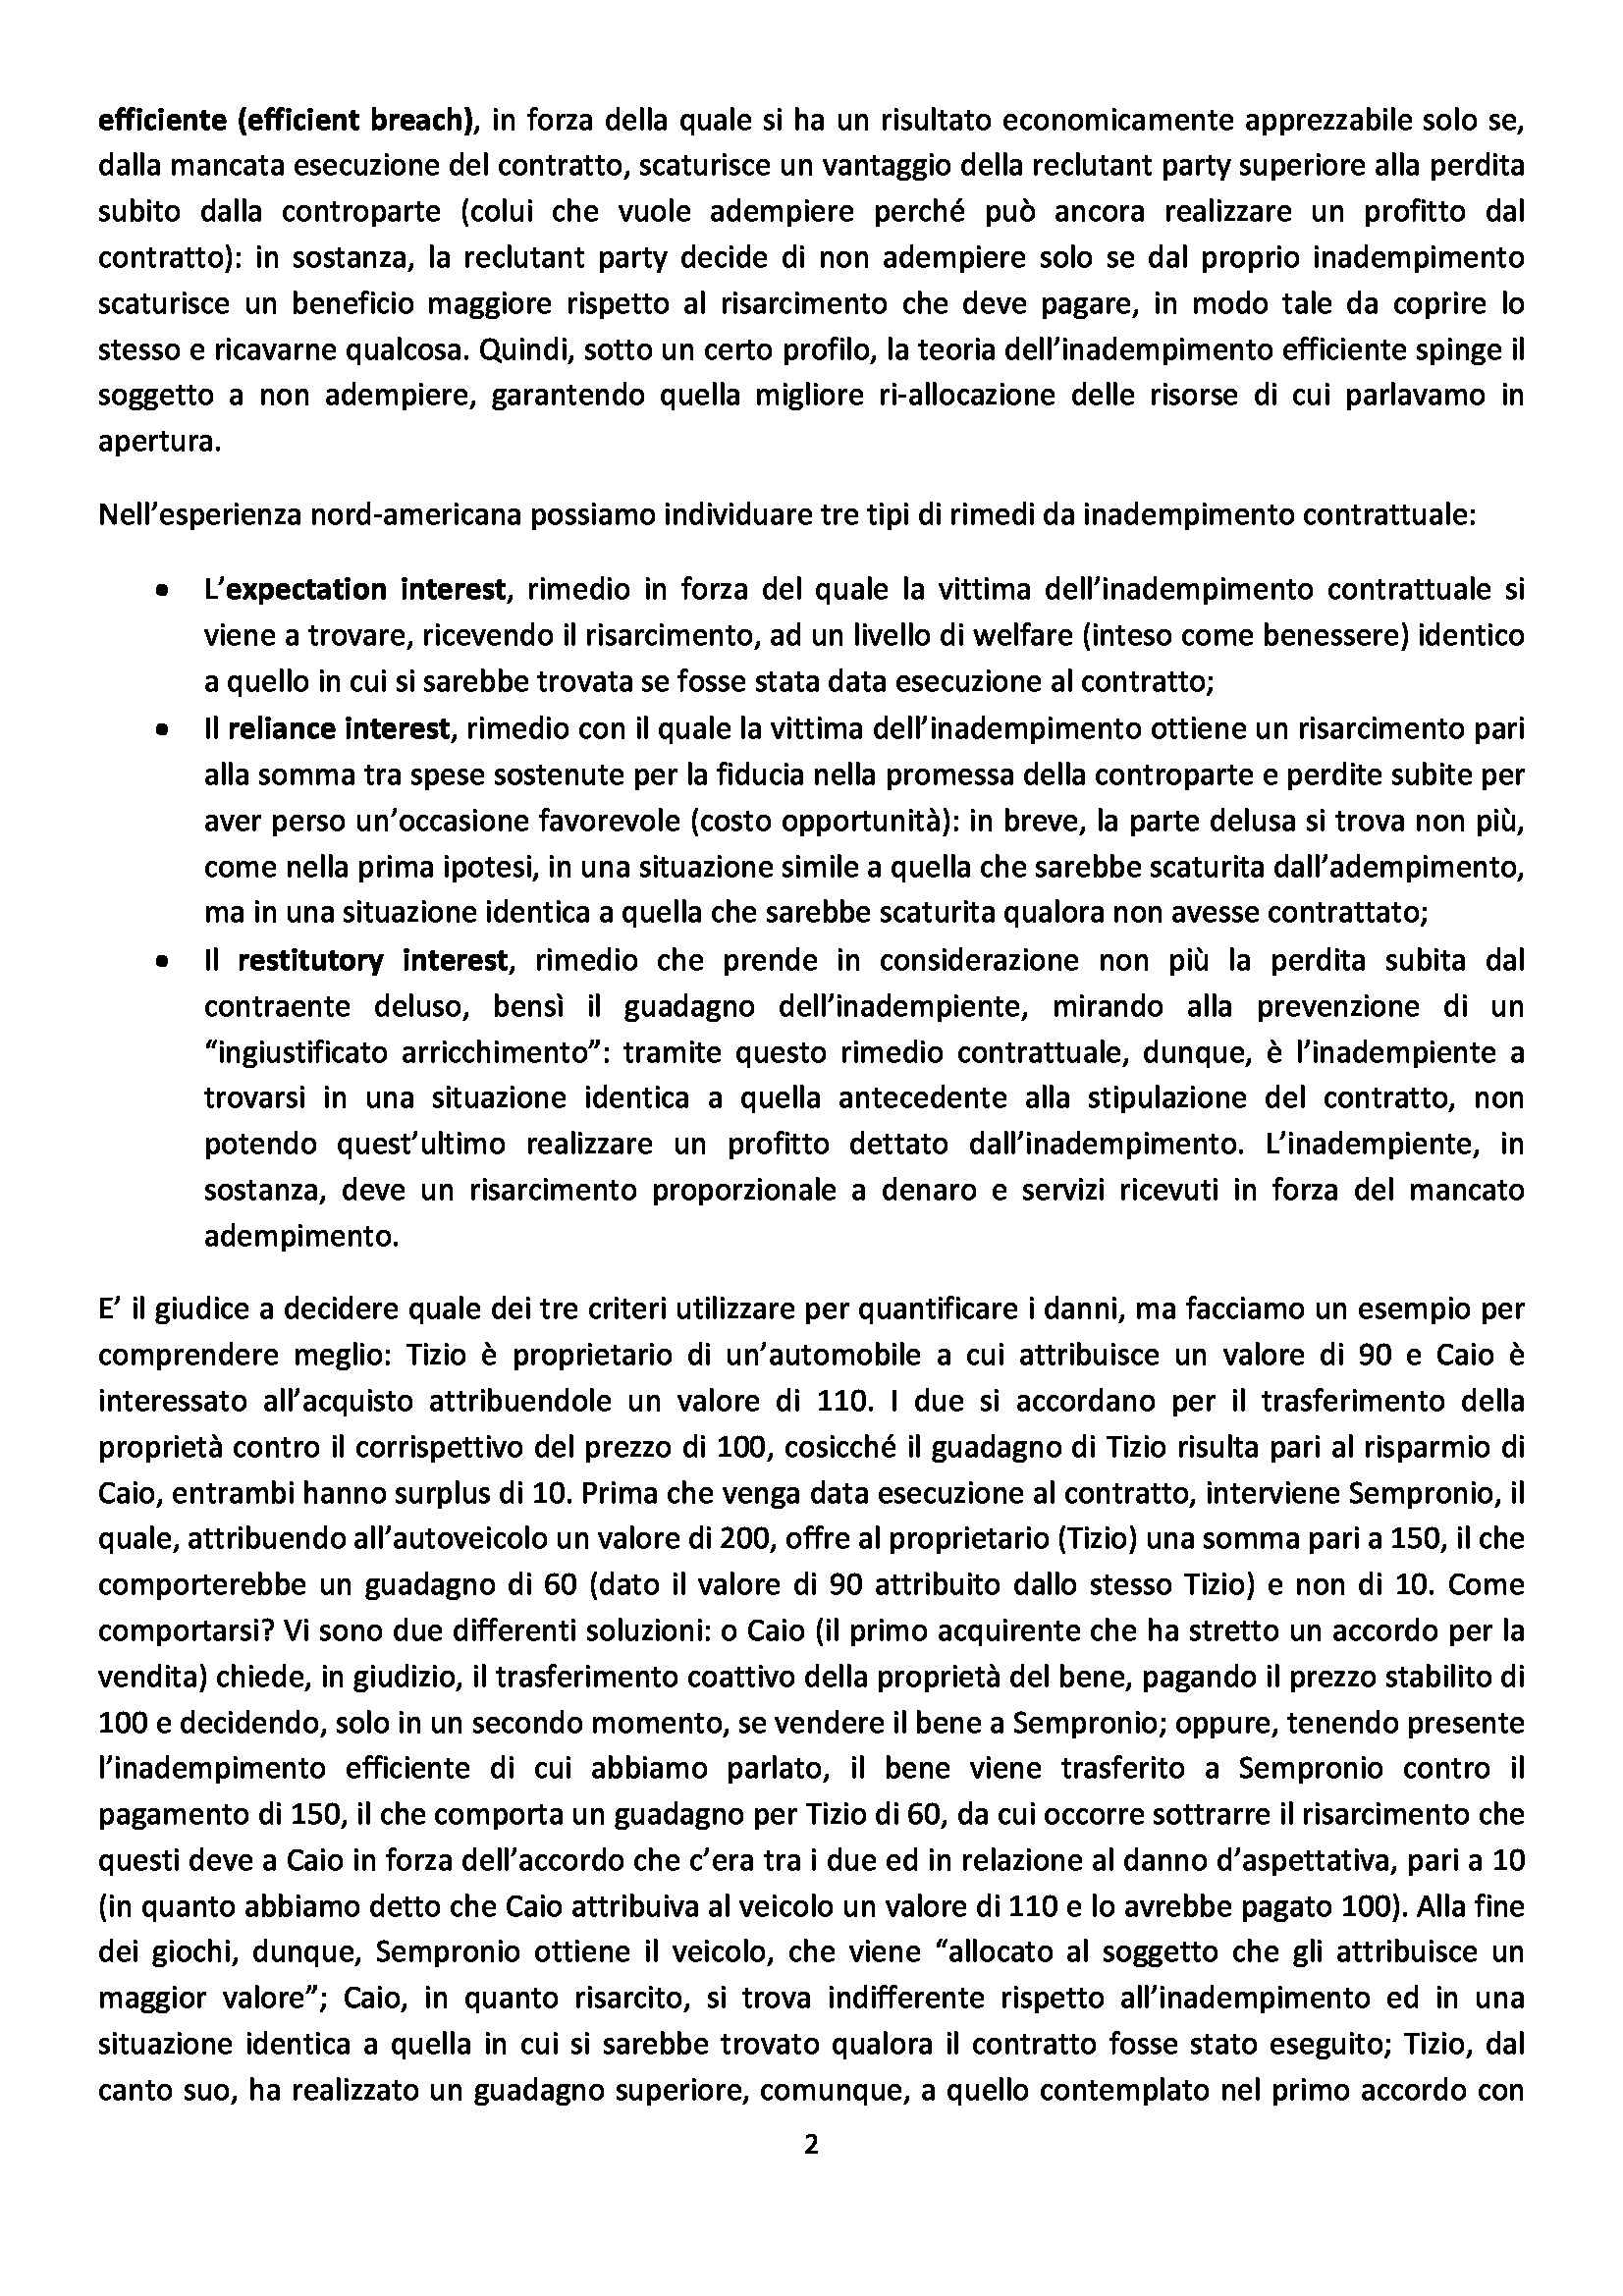 Diritto privato comparato - Seminari Pag. 2